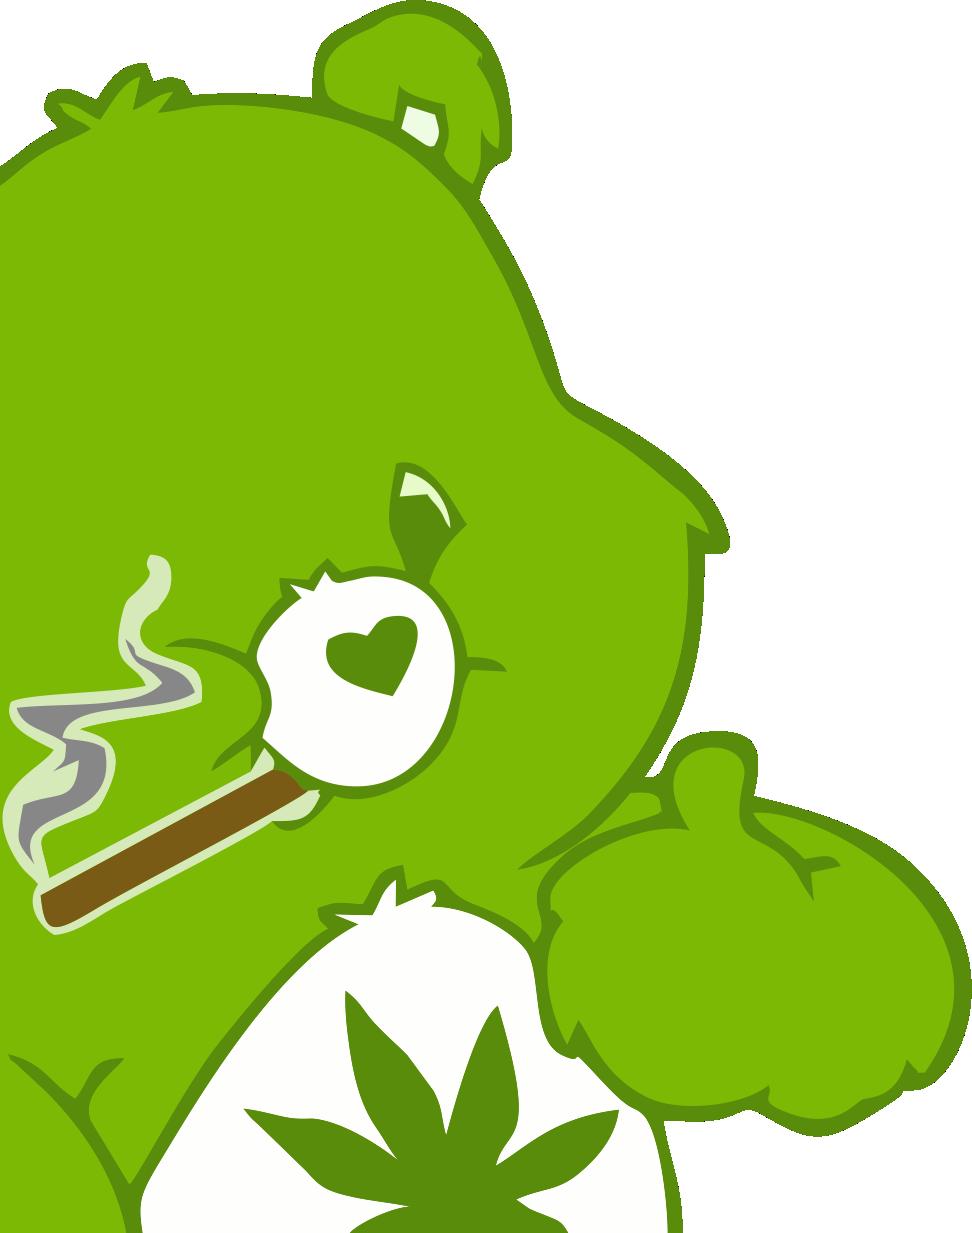 Медведь курит марихуану во мне пол литра в доле с марихуаной